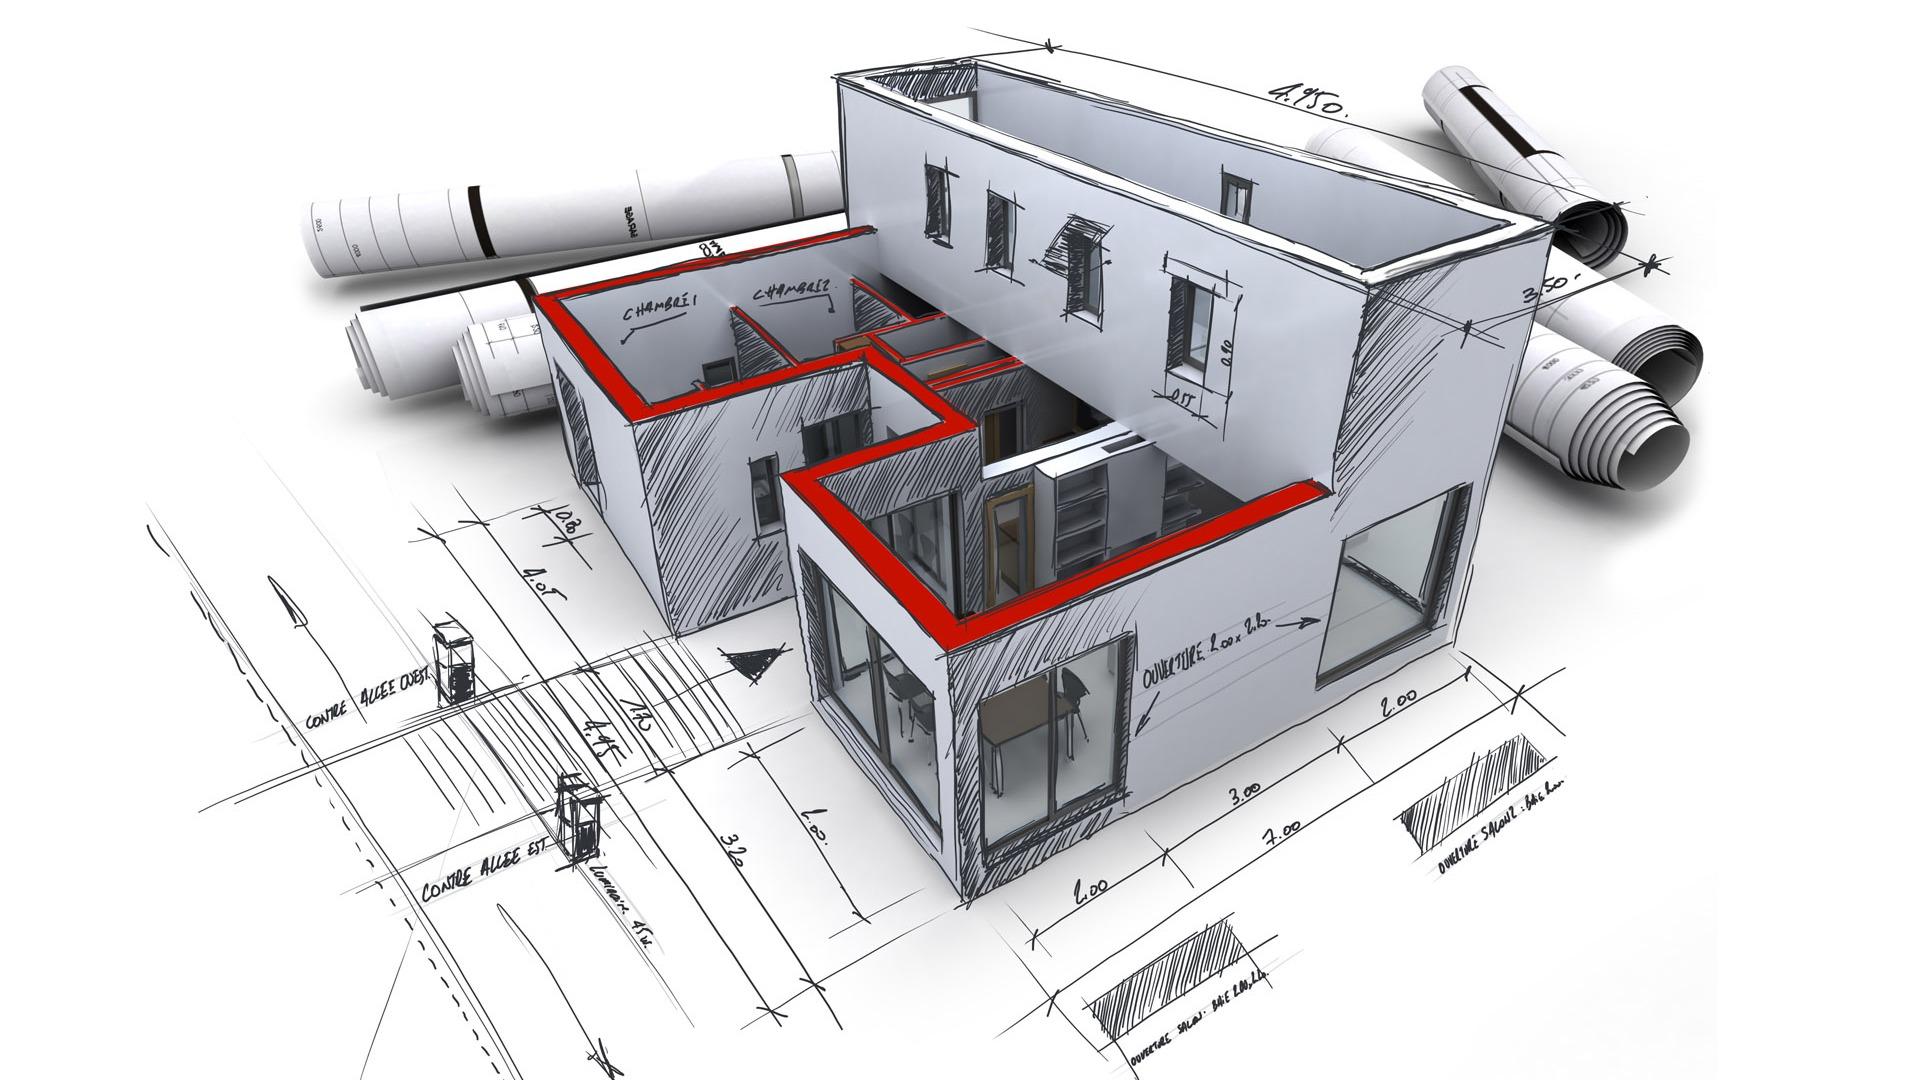 Best Kitchen Gallery: 3d Architectural Design Wallpaper 1 19 1920x1080 Wallpaper of Architectural Design  on rachelxblog.com